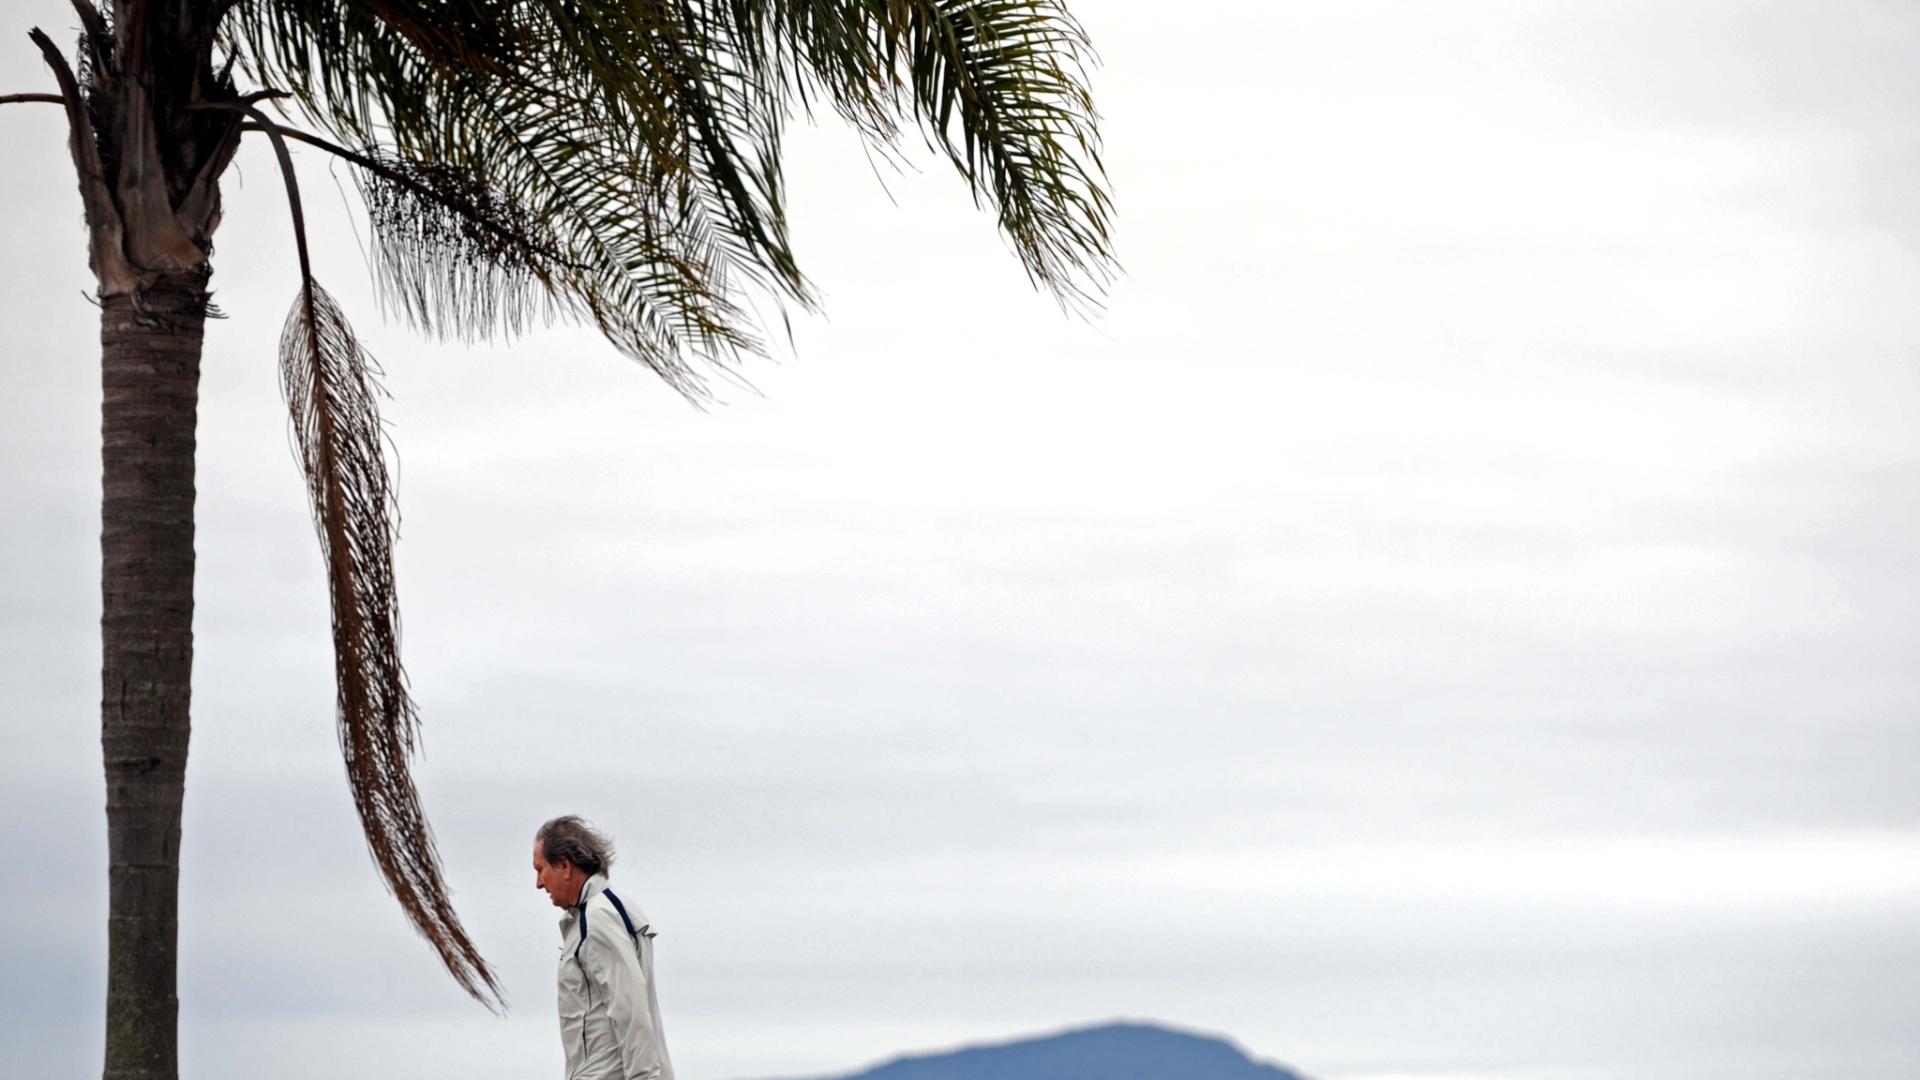 26.ago.2012 - Florianópolis amanhece nublada neste domingo (26), a primeira onda de frio de agosto está avançando da Argentina em direção à região Sul, o que derrubou as temperaturas. Deve no norte do Rio Grande do Sul e no sul de Santa Catarina